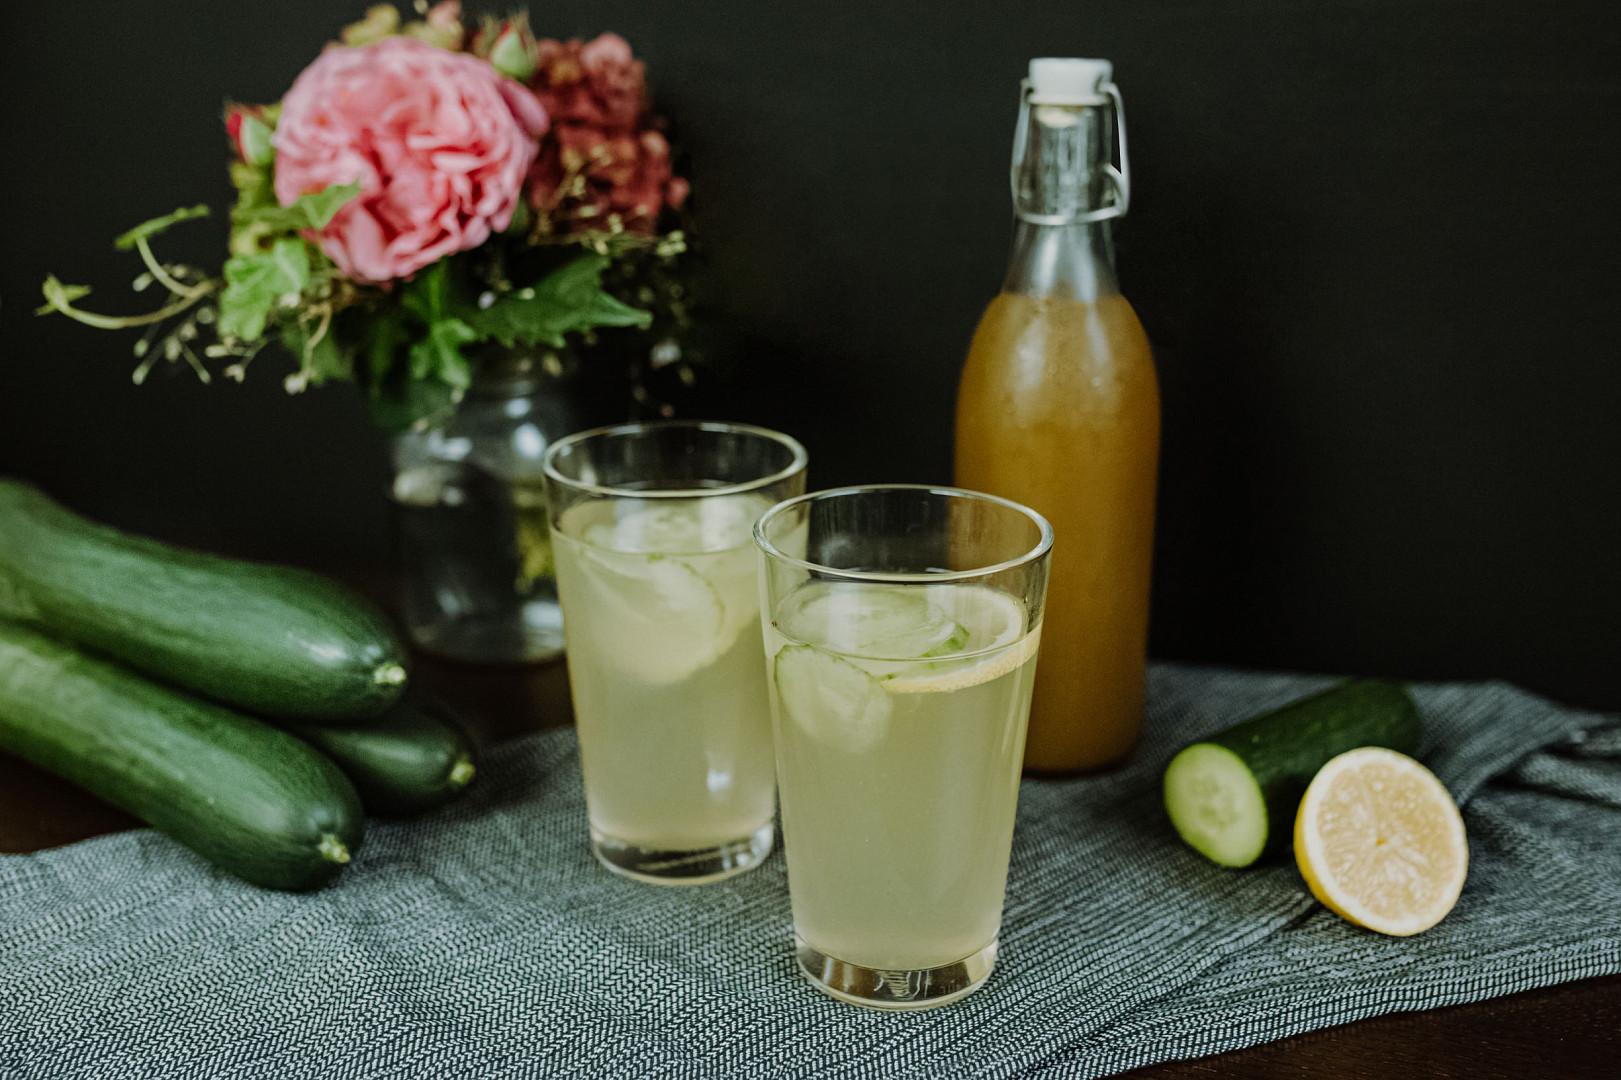 Okurková Bezdínkovská limonáda